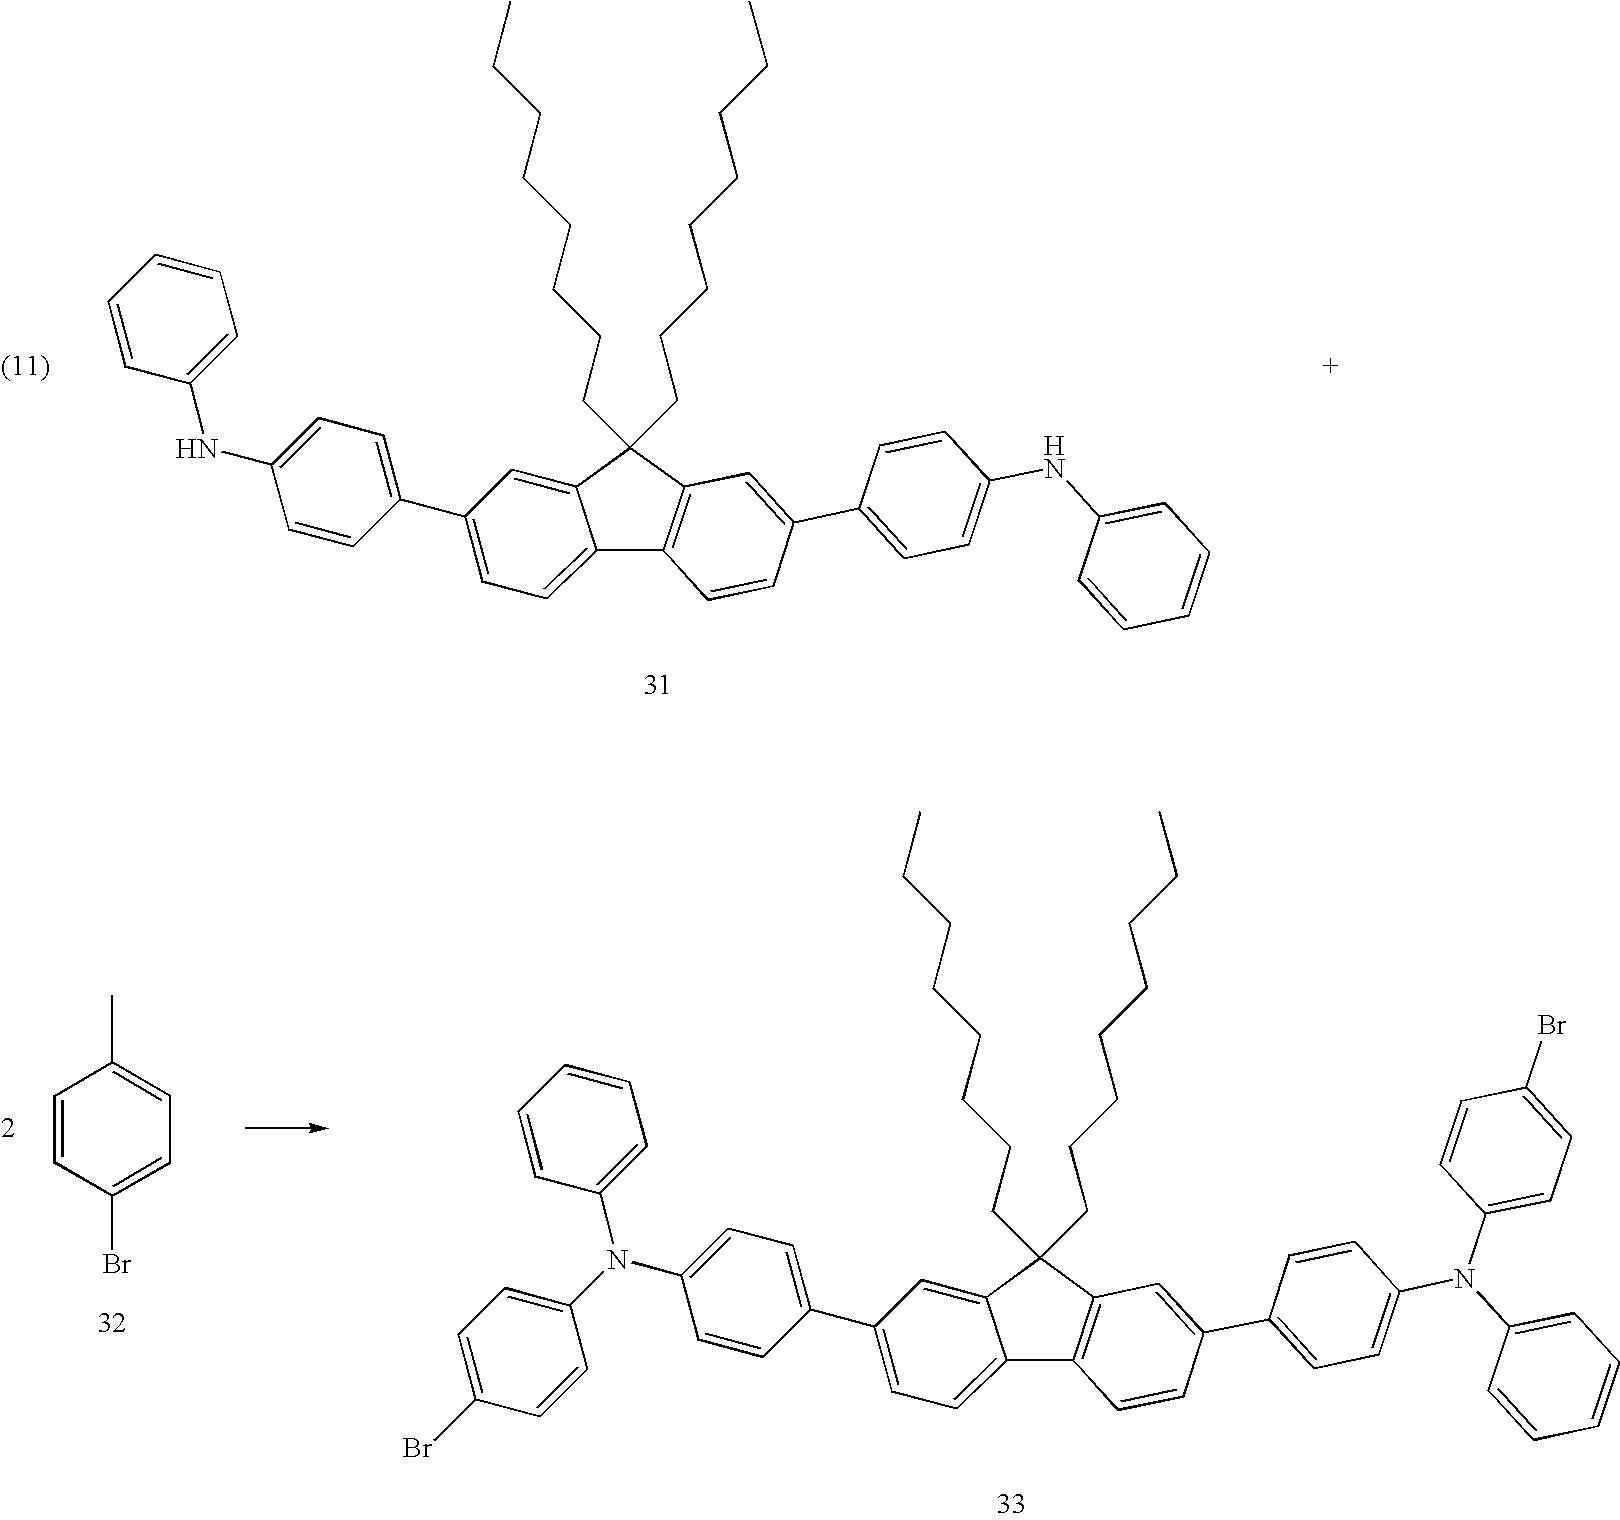 Figure US20080071049A1-20080320-C00020